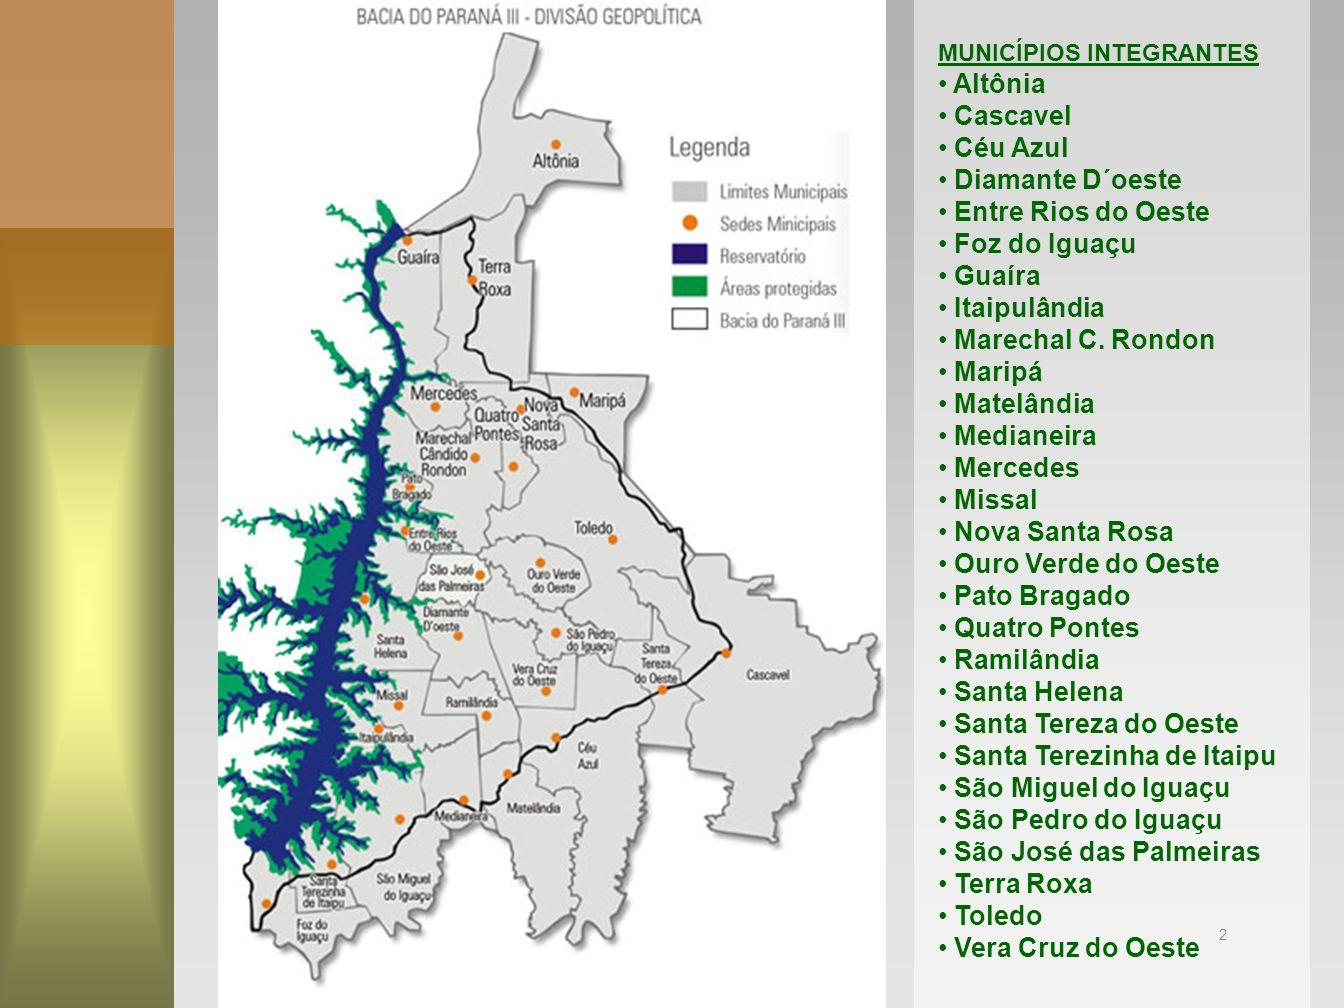 Santa Terezinha de Itaipu São Miguel do Iguaçu São Pedro do Iguaçu